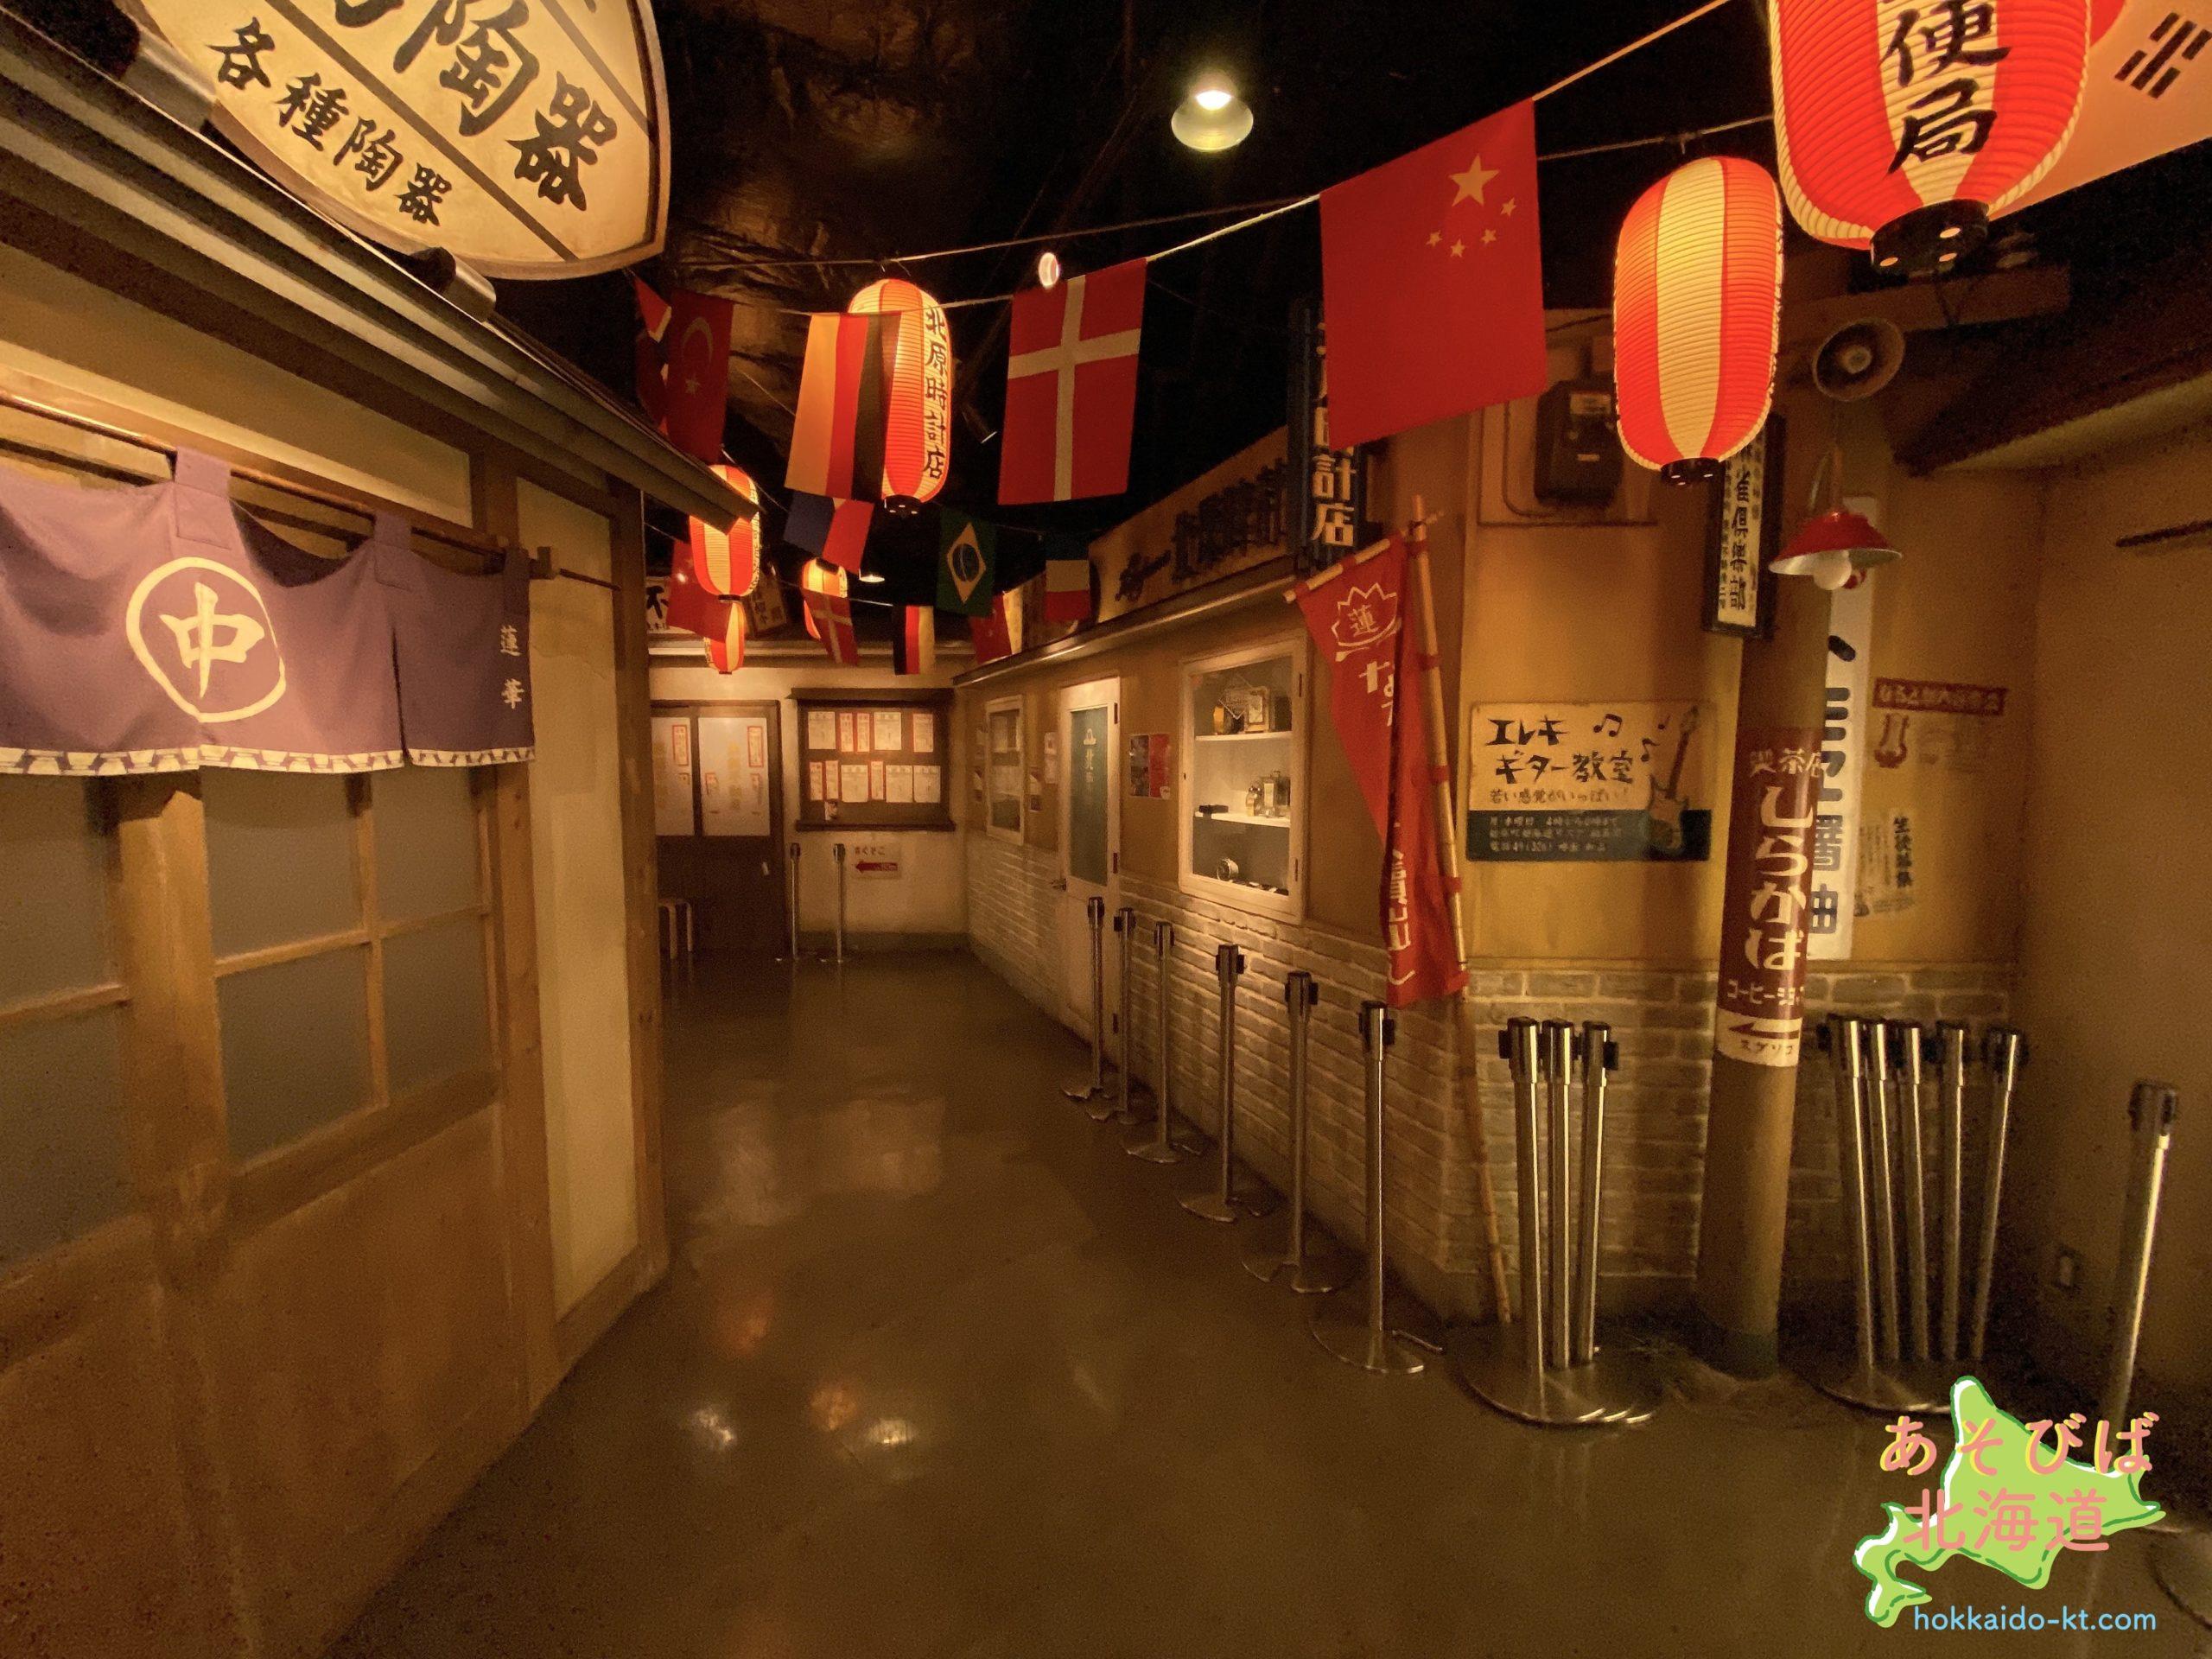 札幌ラーメン共和国の店内